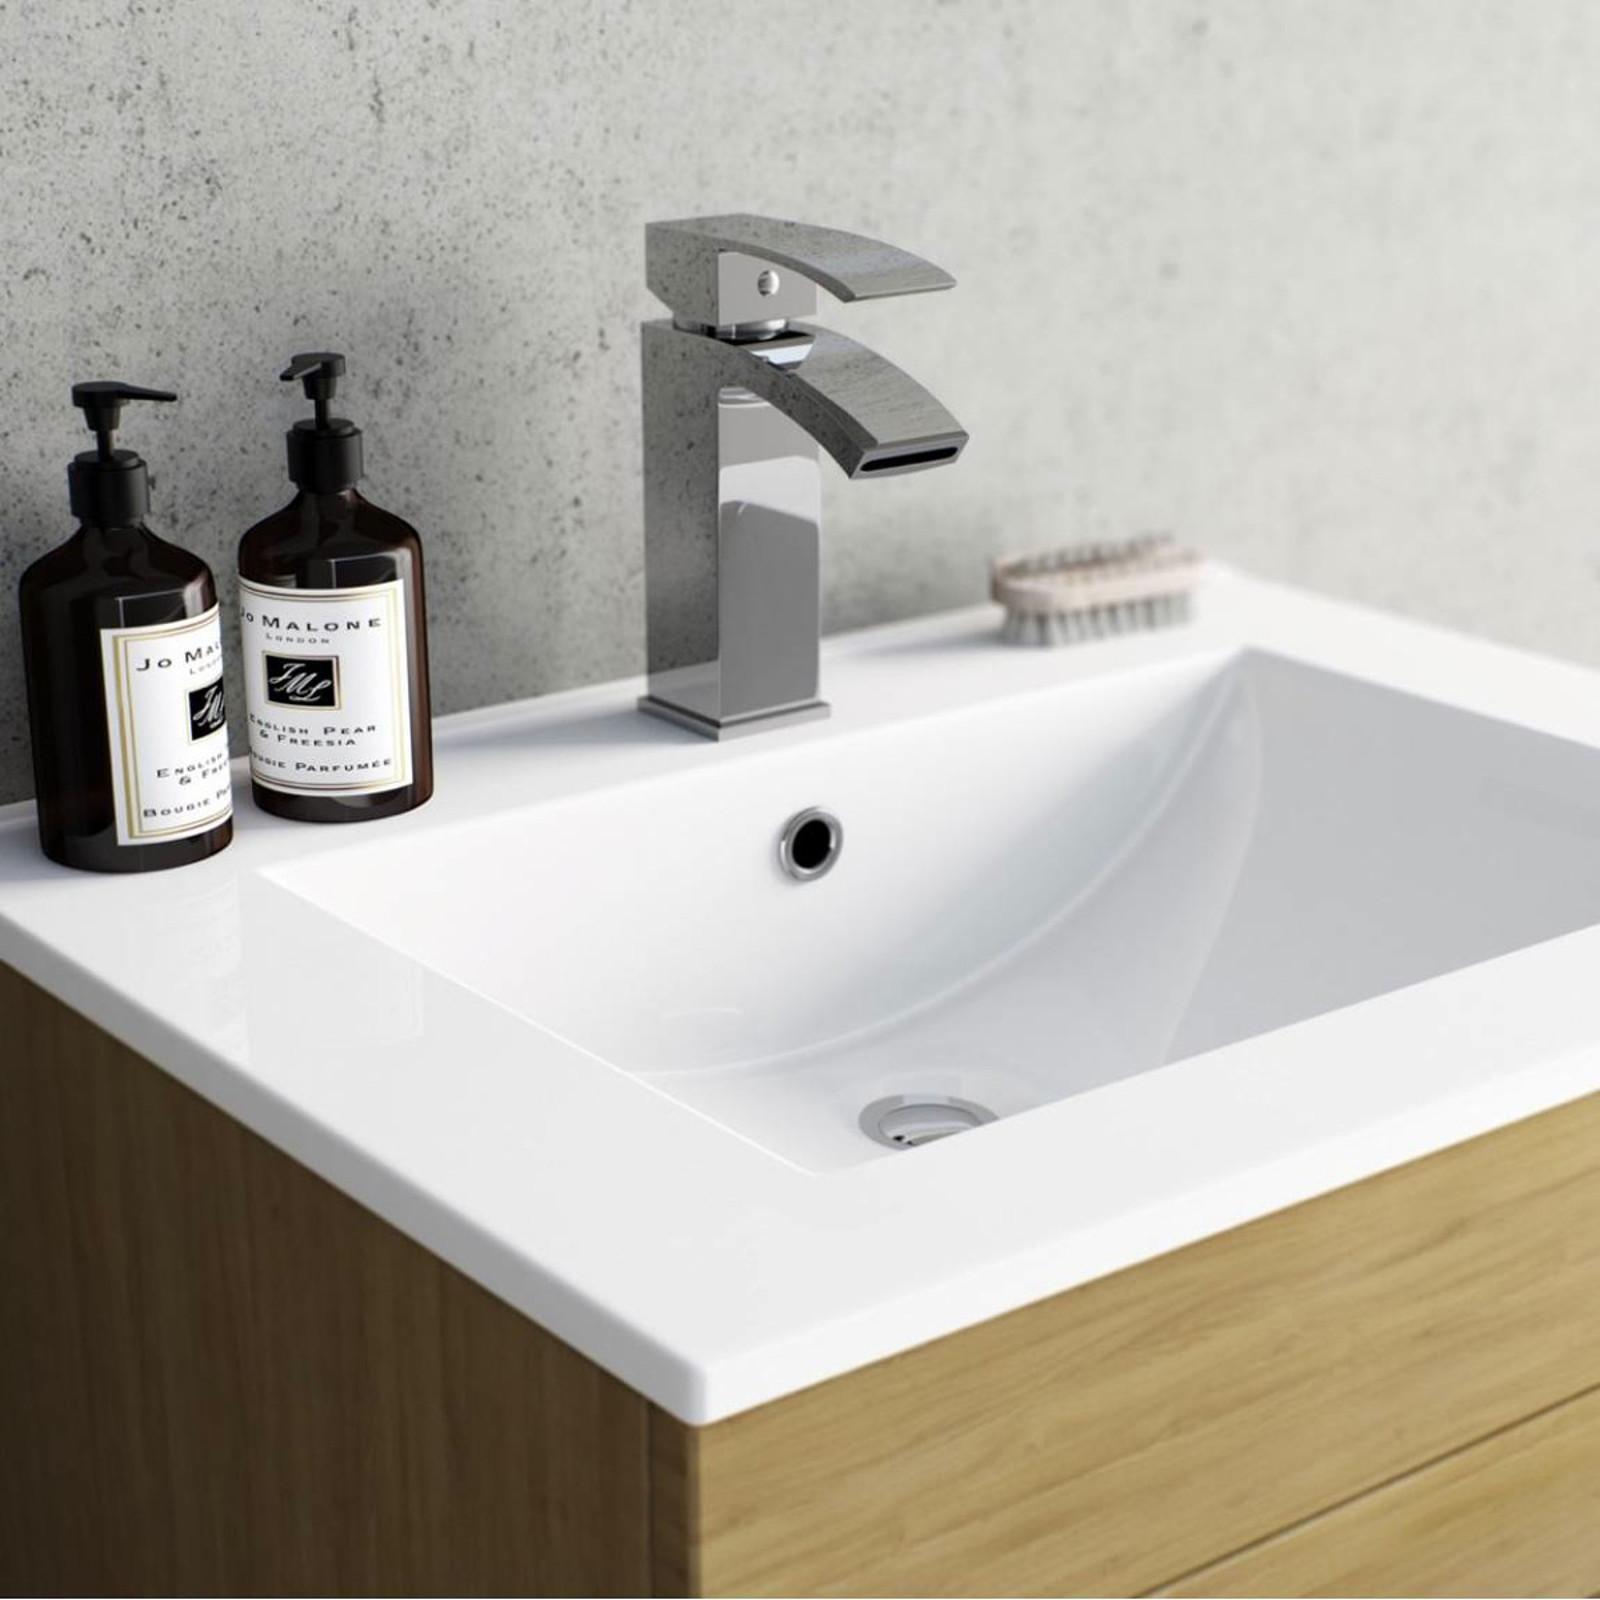 Enki cascade dise o cuadrado grifo de ba era ducha for Grifo mezclador ducha